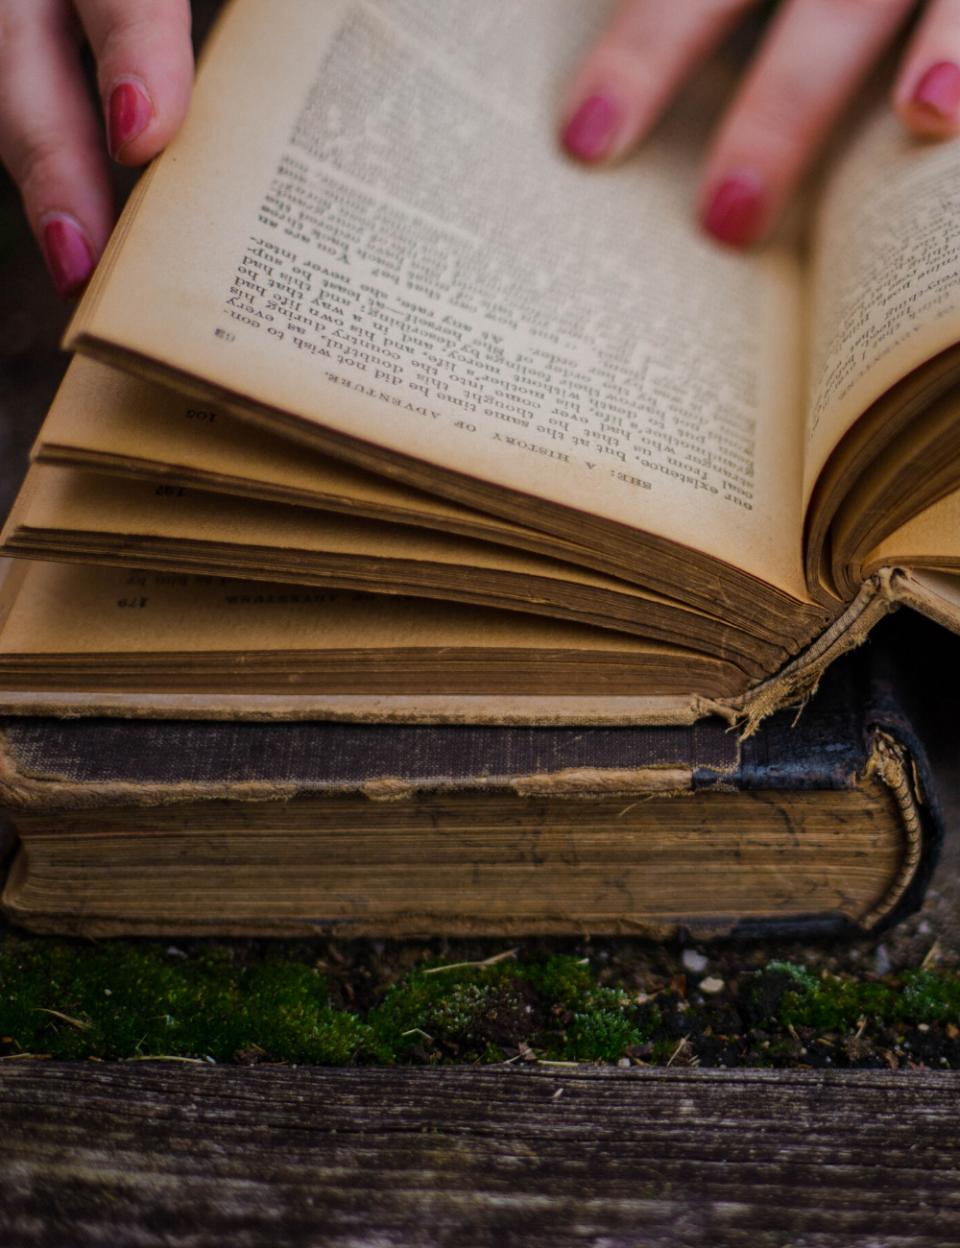 La scrittrice Veronica Rosazza Prin chiede l'aiuto dei lettori per studiare una strategia di marketing per vendere il suo romanzo.